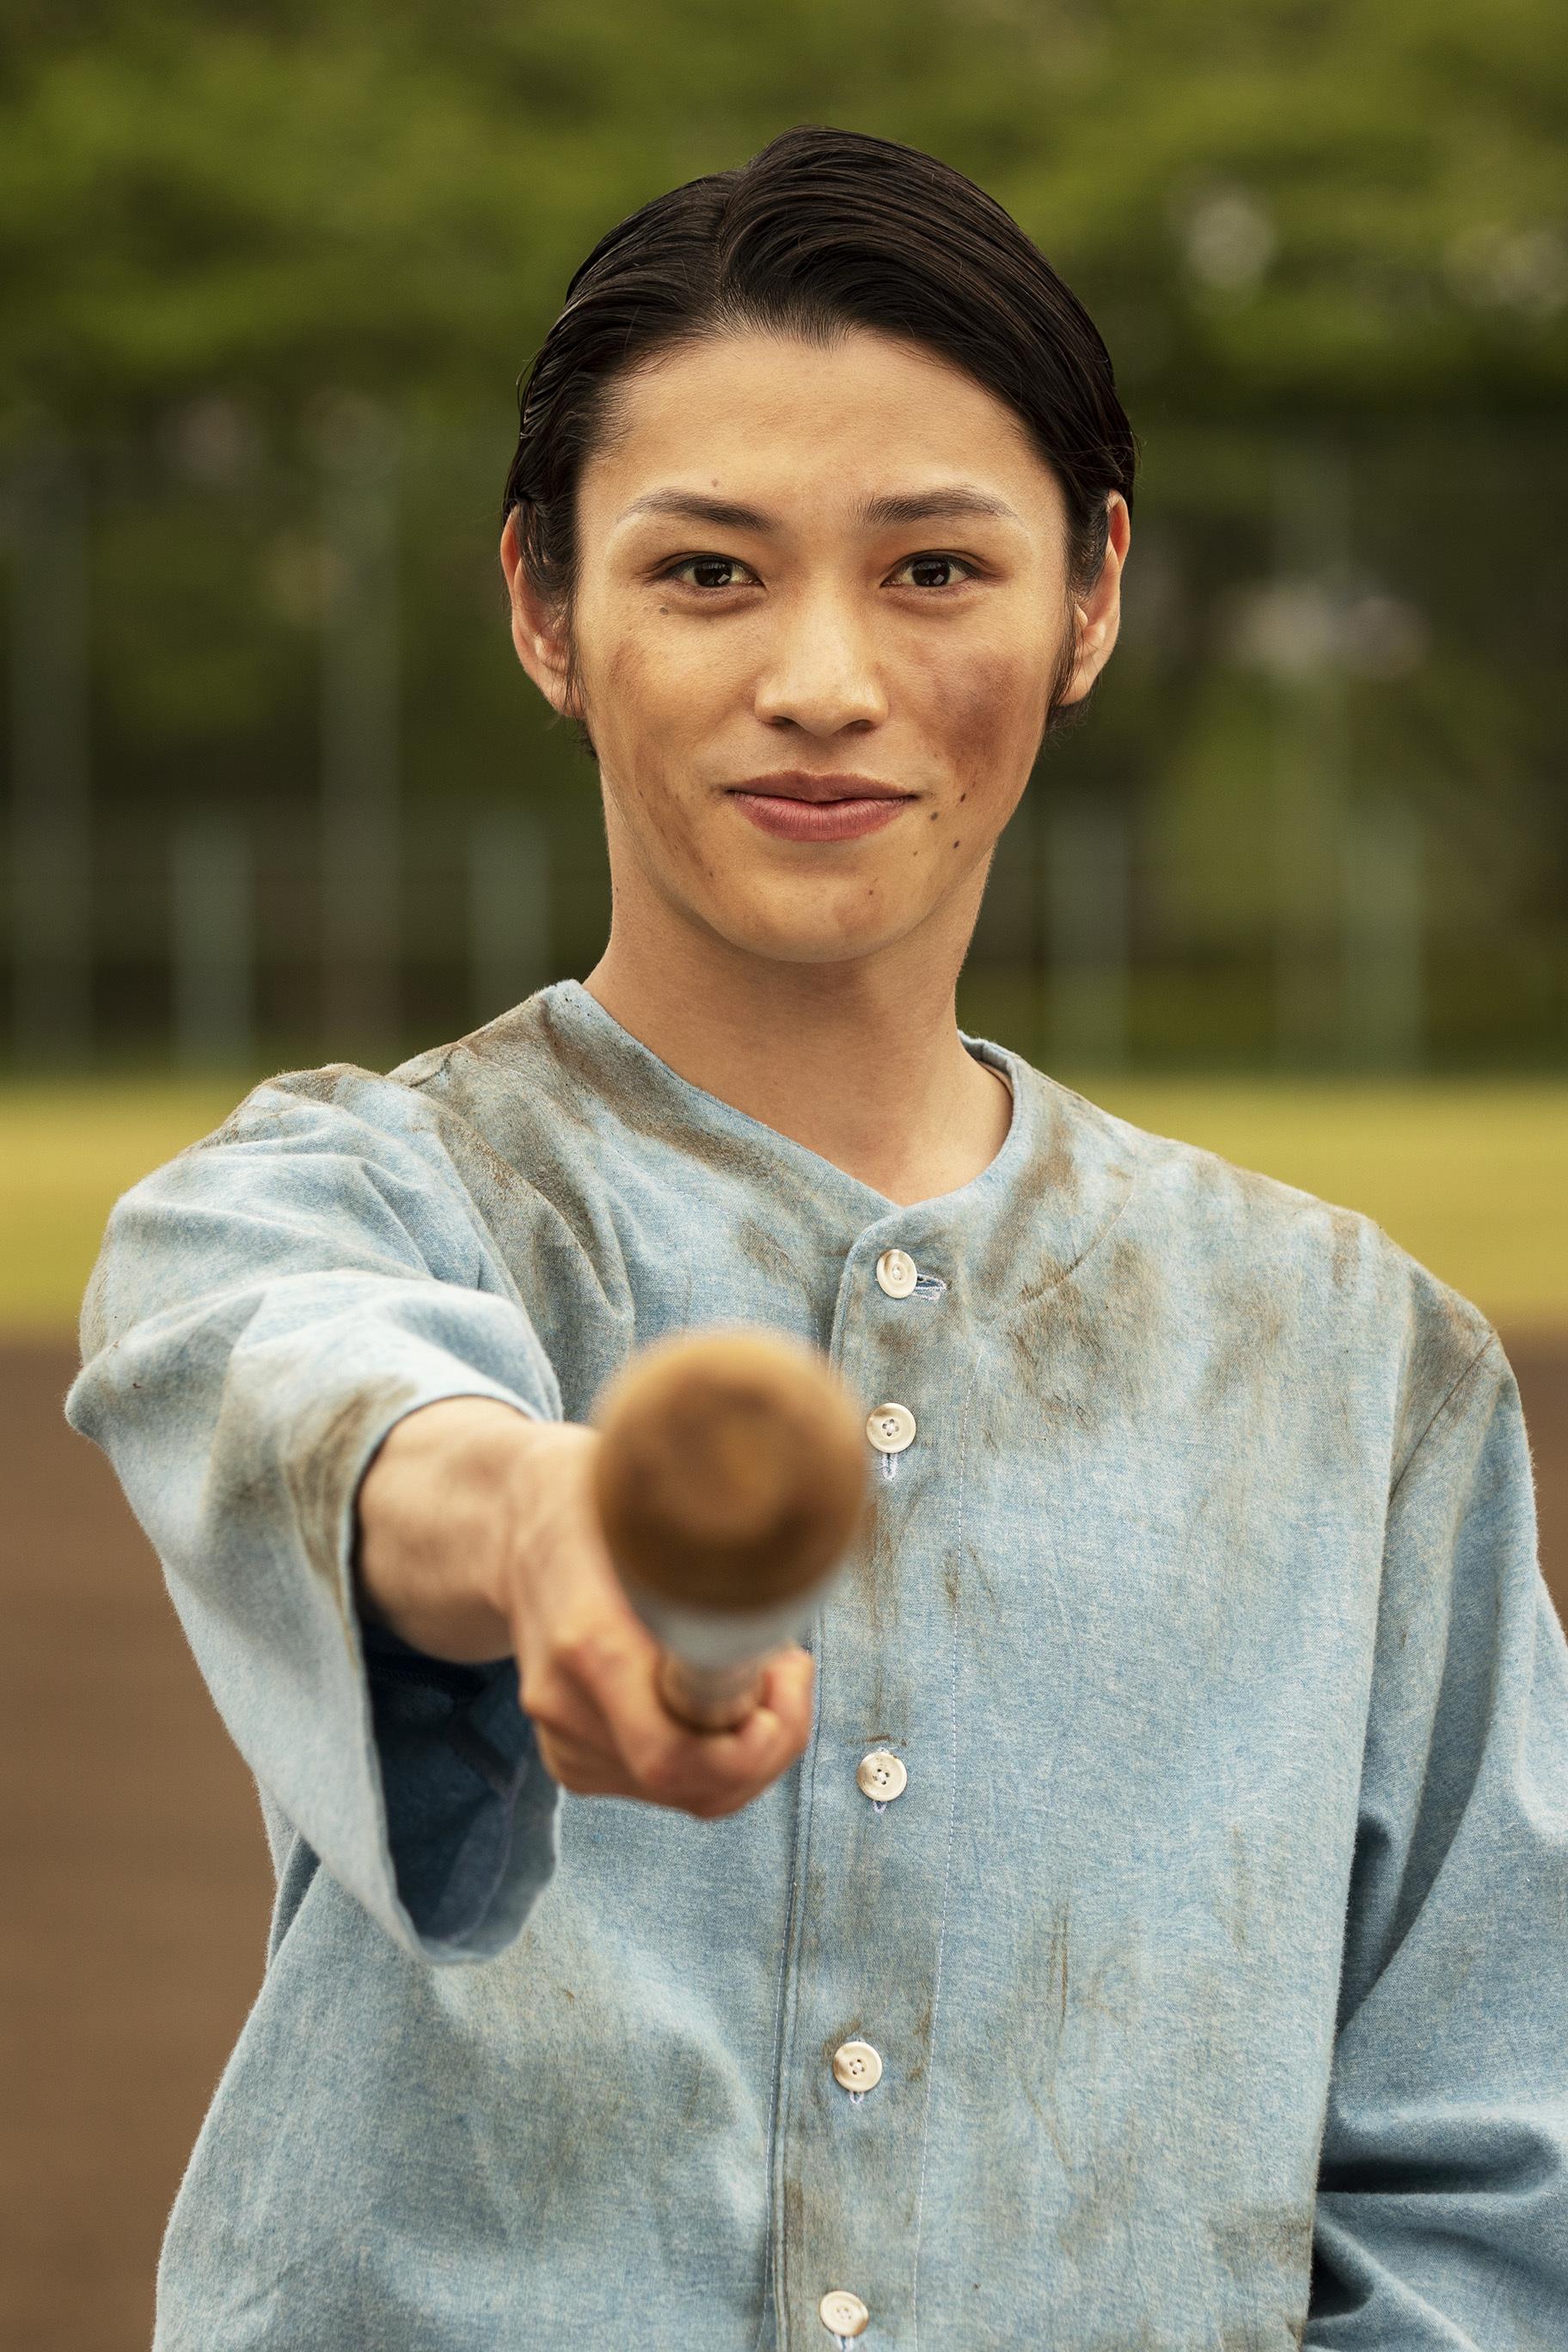 主演:安西慎太郎